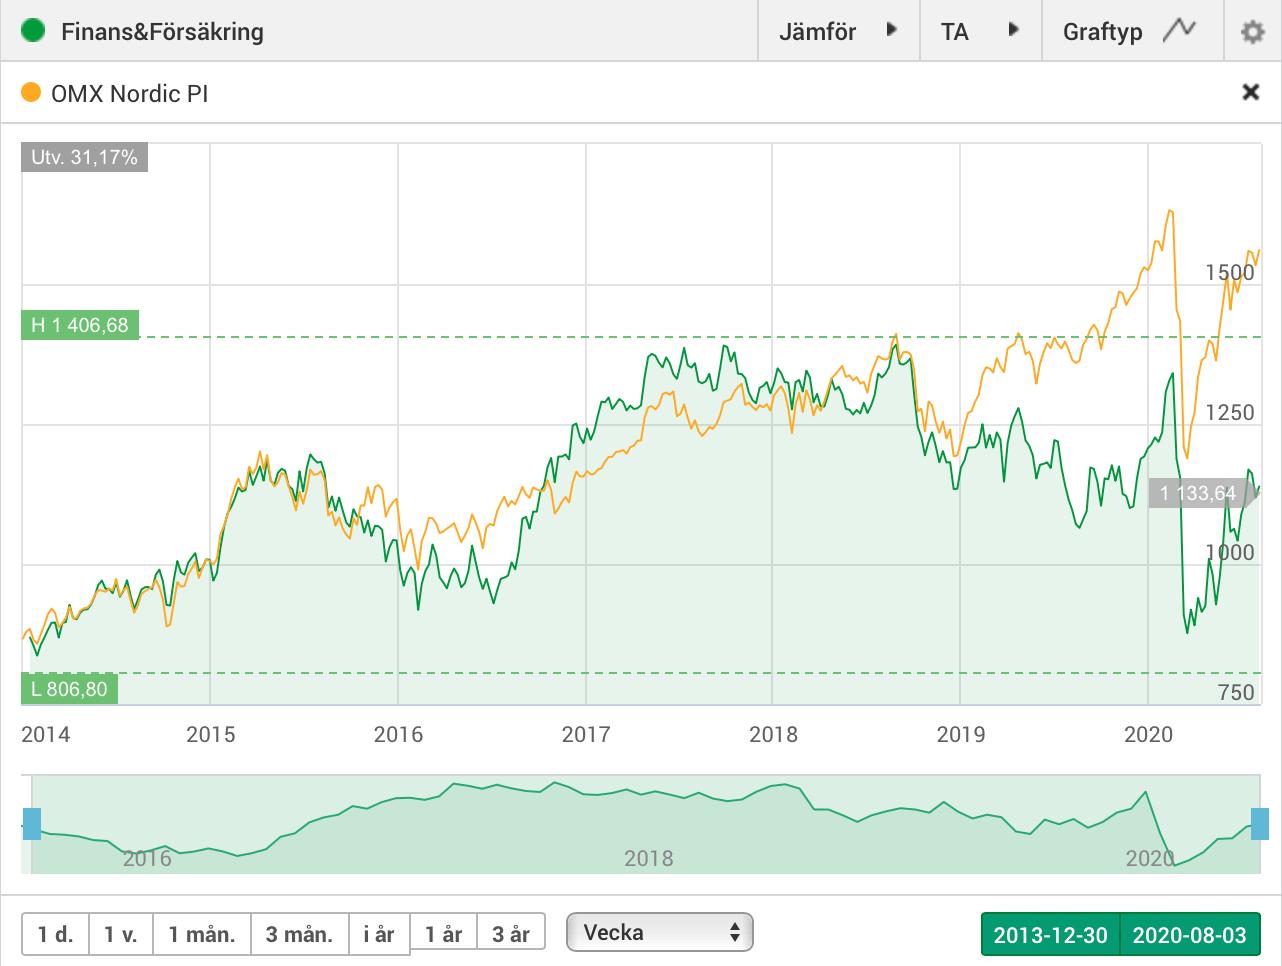 Index för finansaktier och försäkringsbolag